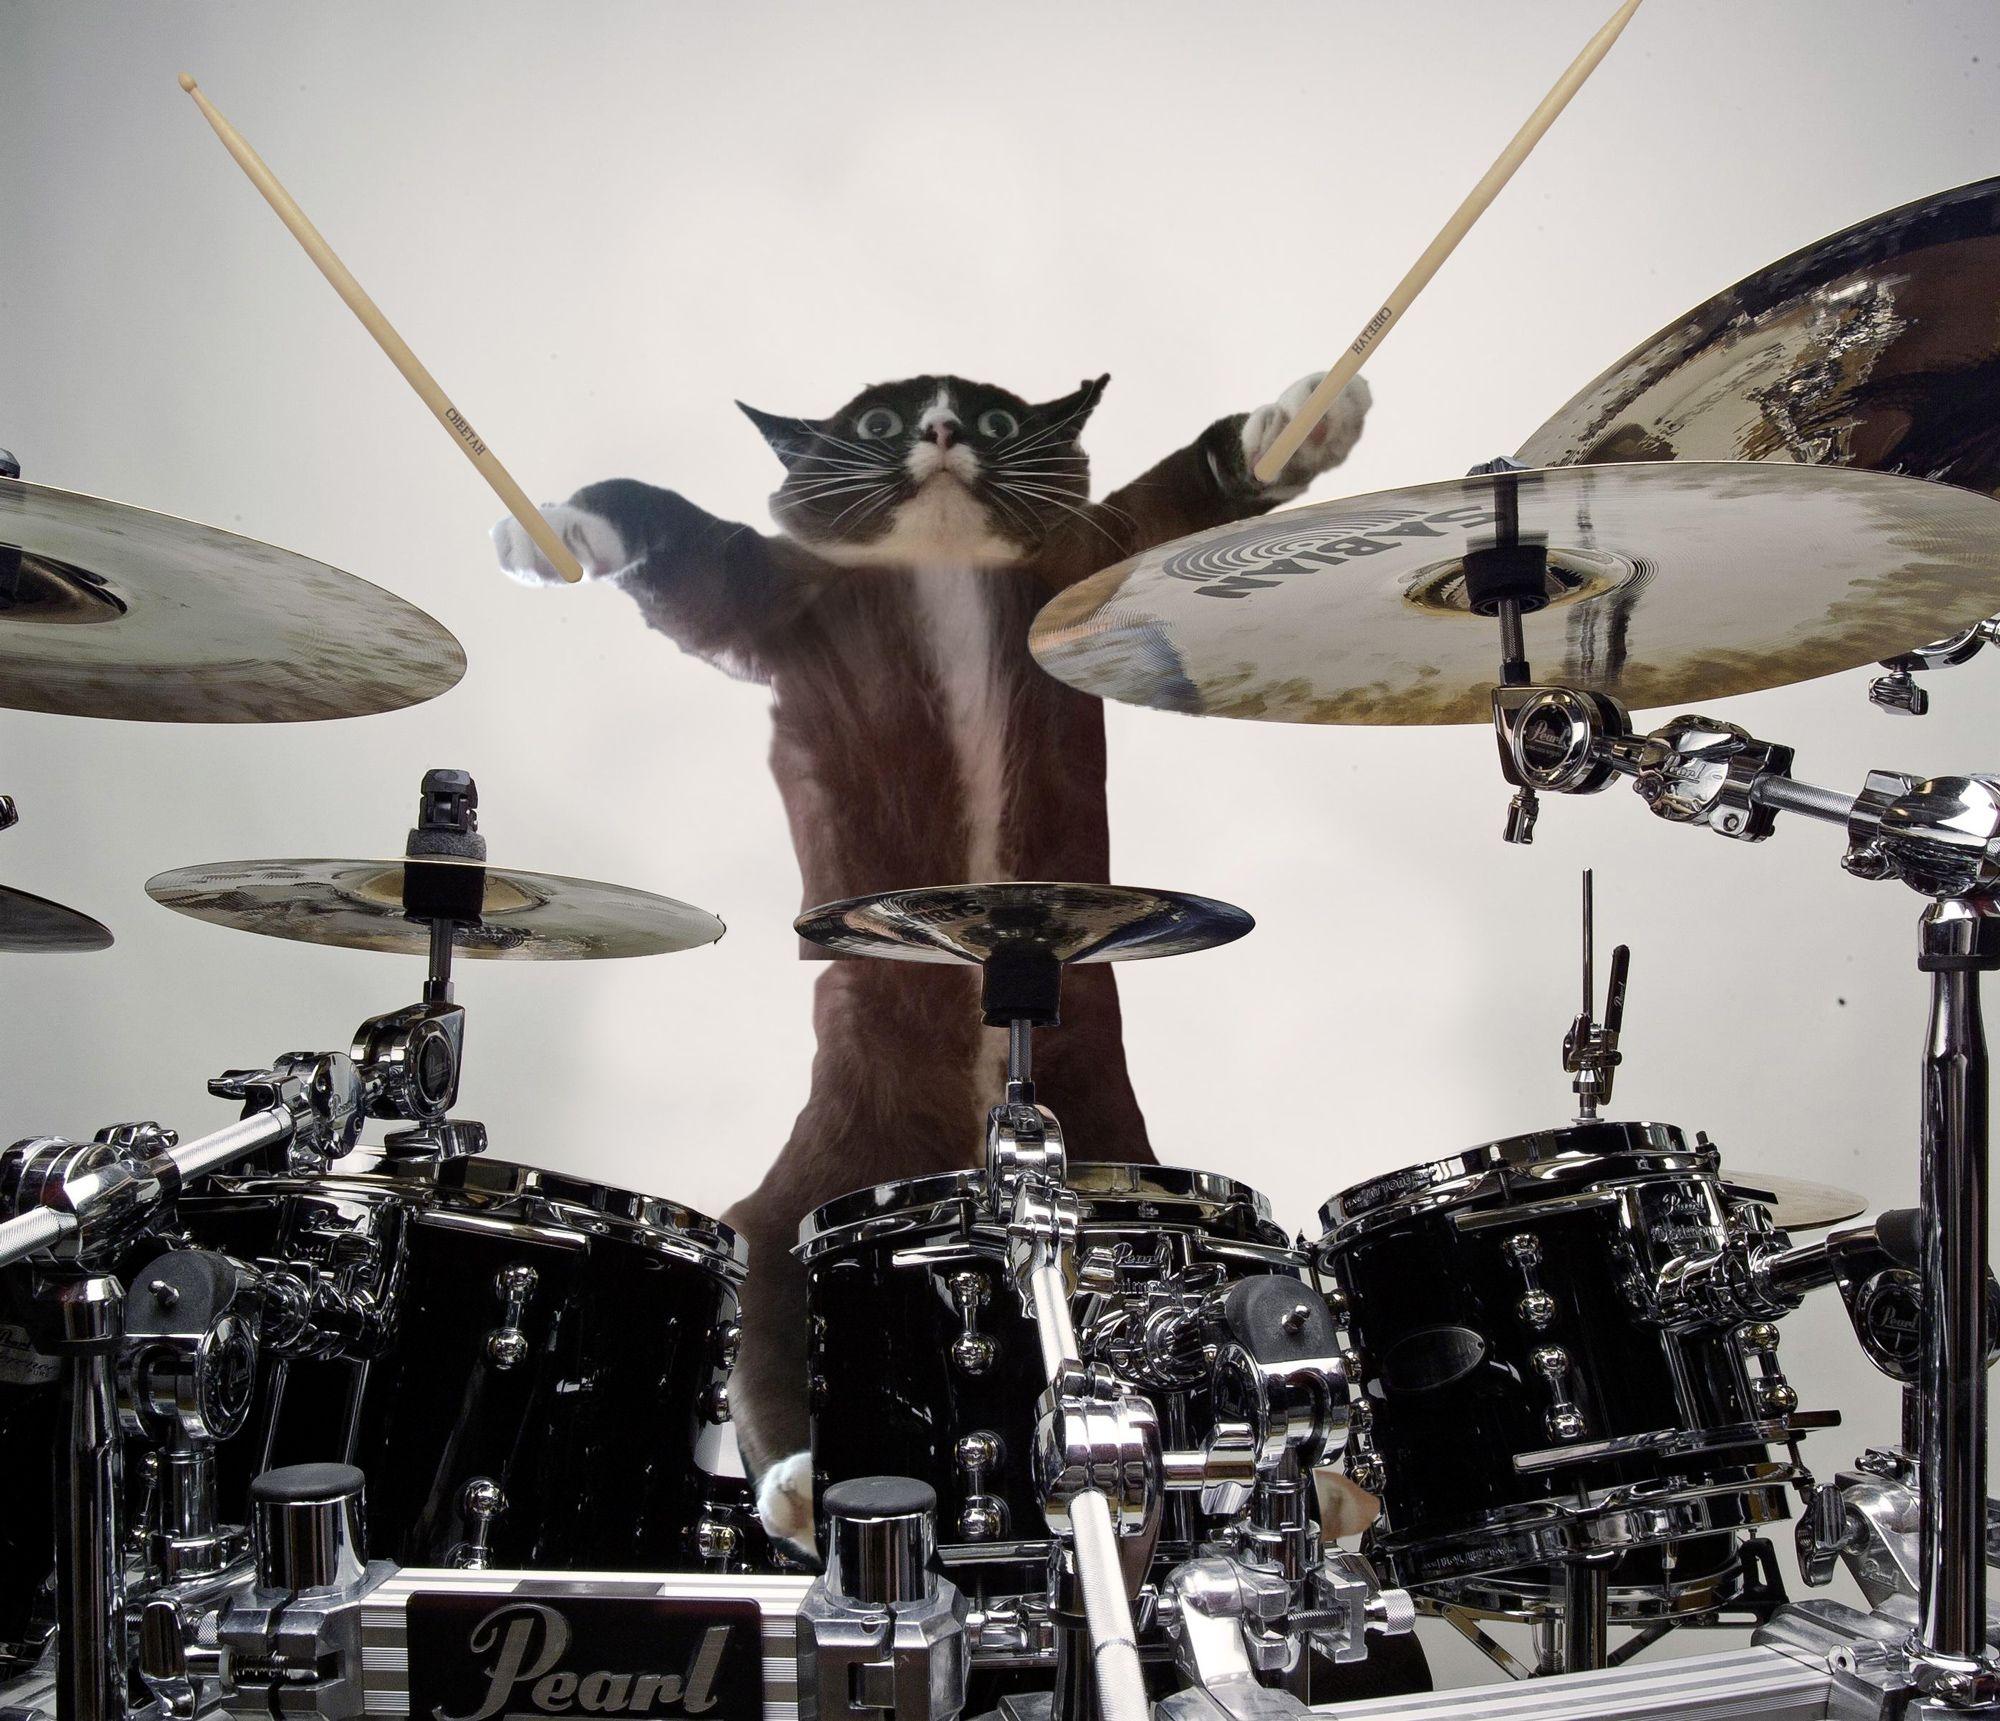 Terrified-cat-drums.jpg